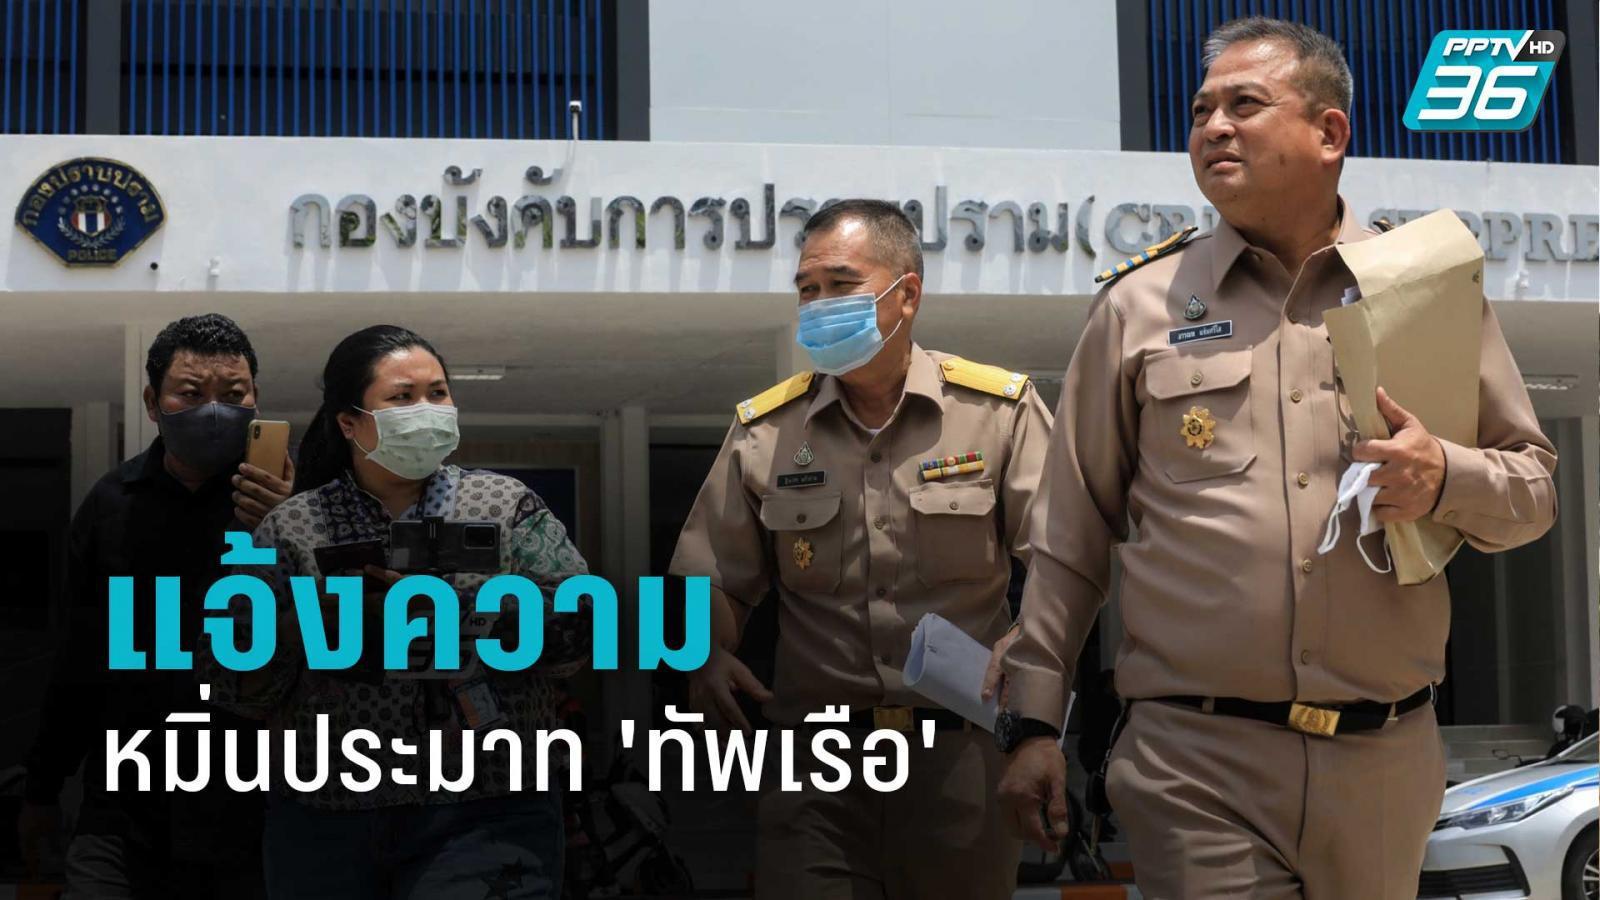 หมิ่นกองทัพเรือ! ส่งทหารพระธรรมนูญ เอาเรื่อง 'ส.ส.เพื่อไทย' ขยี้ปม 'เรือดำน้ำ' ทำเสียหาย